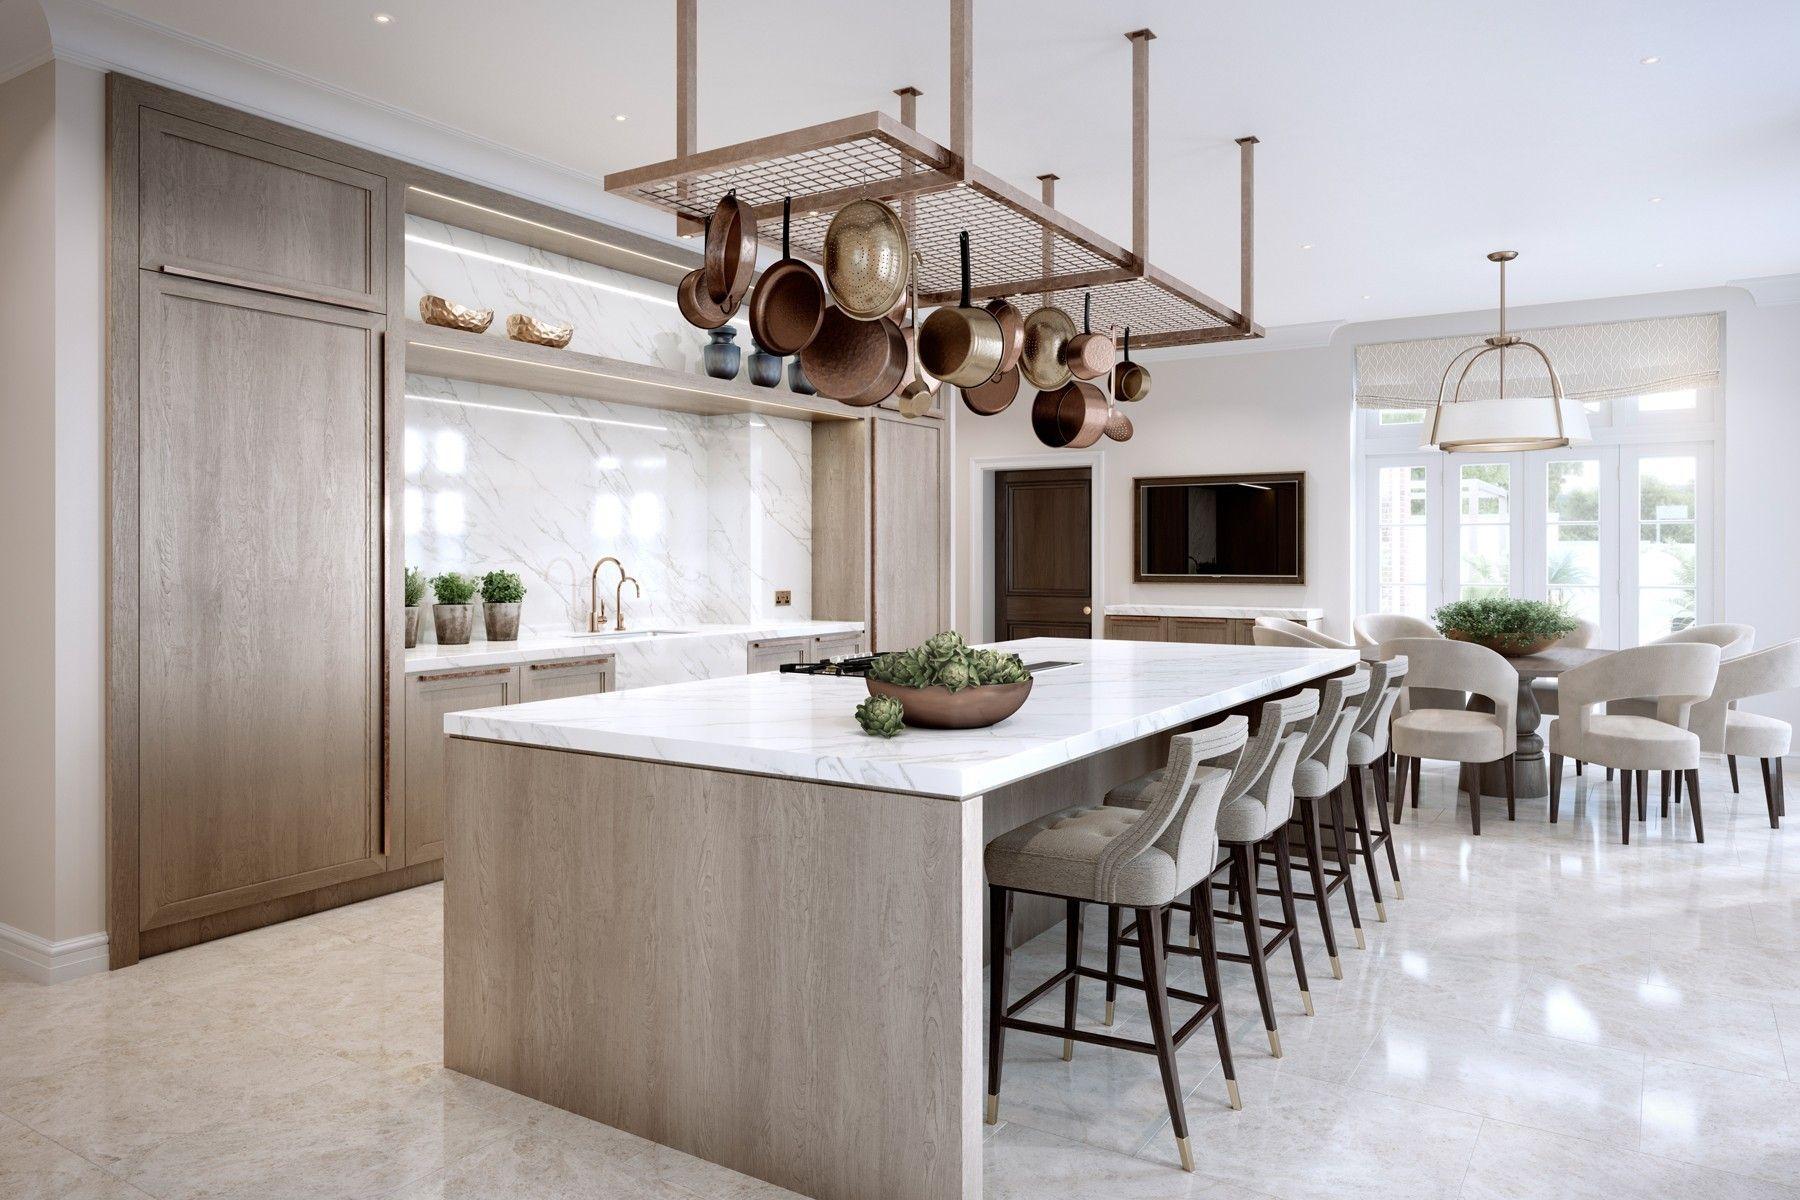 kitchen-interior-designer-for-apartments-interiors-by-design_garden-ideas.jpg